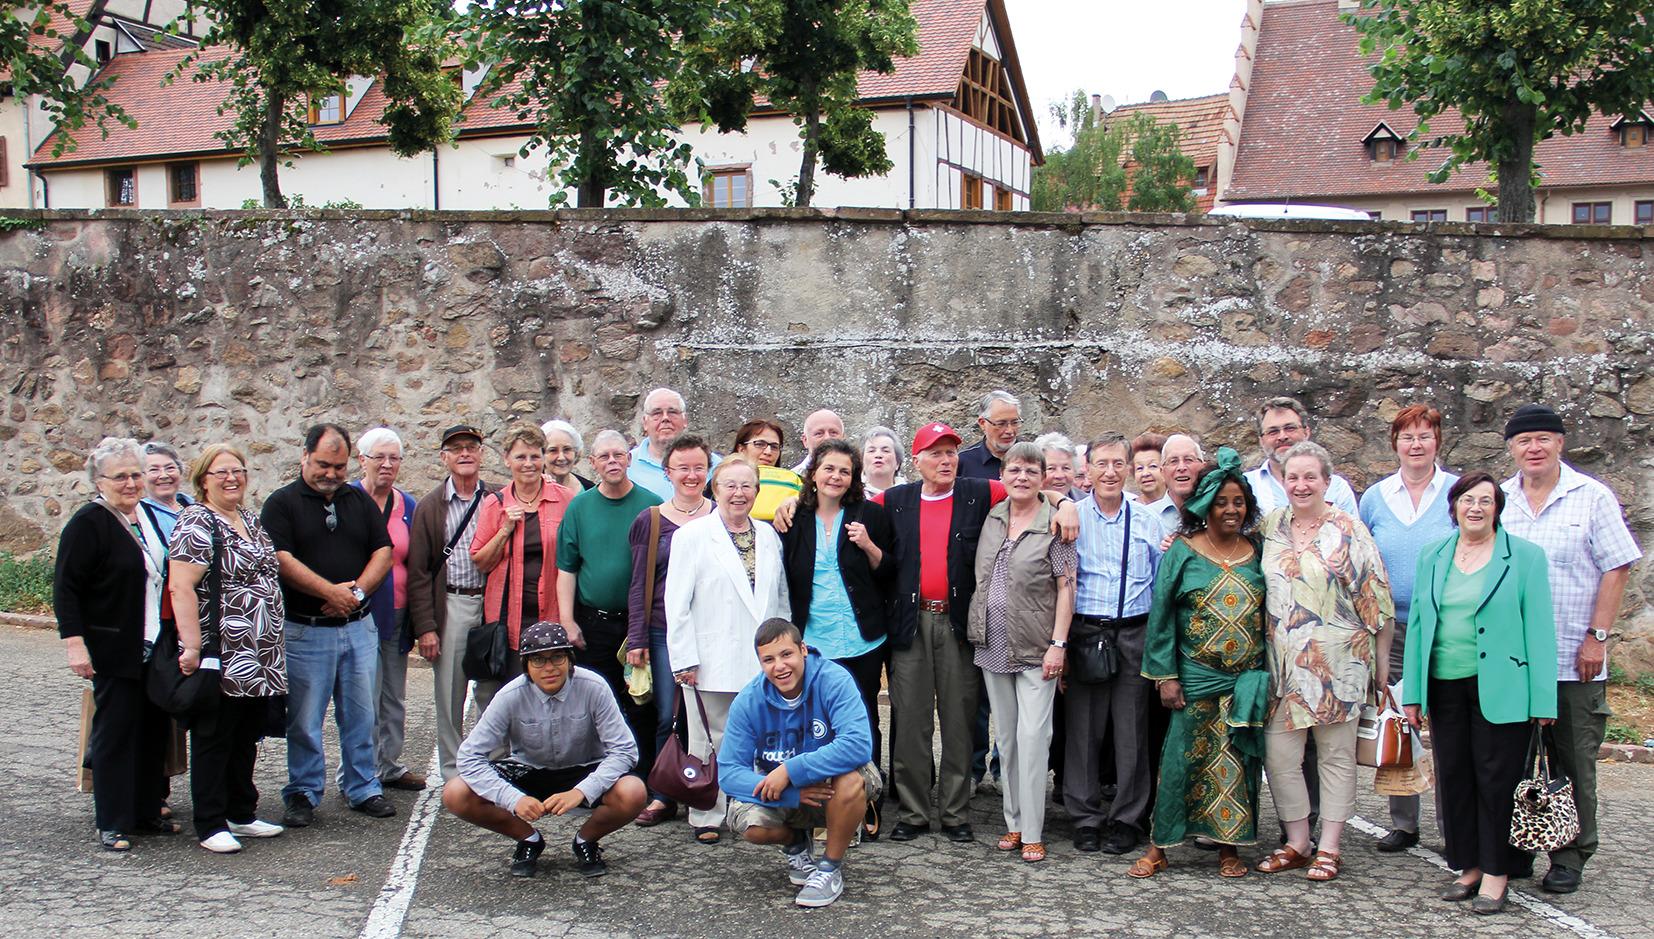 Sortie de l'AND en Alsace, organisée par CHristine Boillat